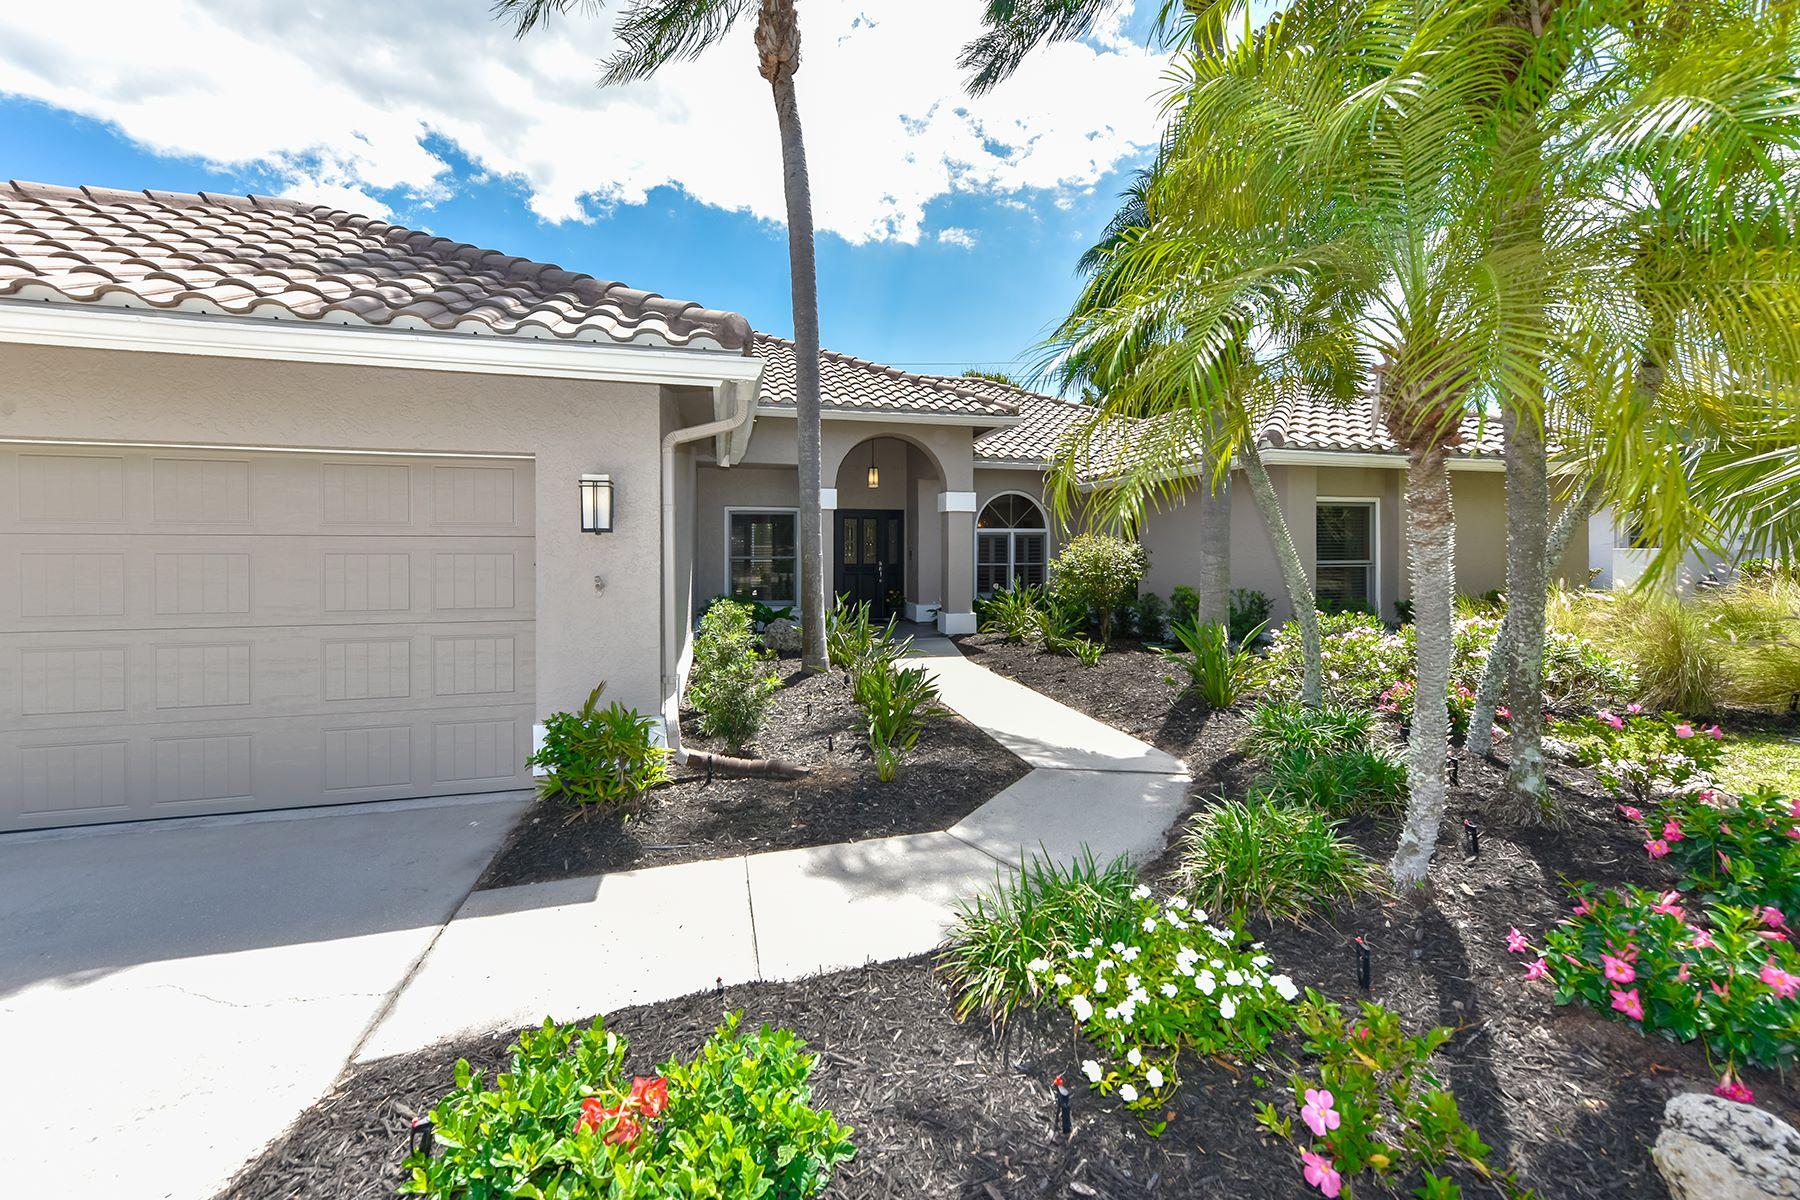 Частный односемейный дом для того Продажа на THE LANDINGS 5161 Flicker Field Cir Sarasota, Флорида, 34231 Соединенные Штаты